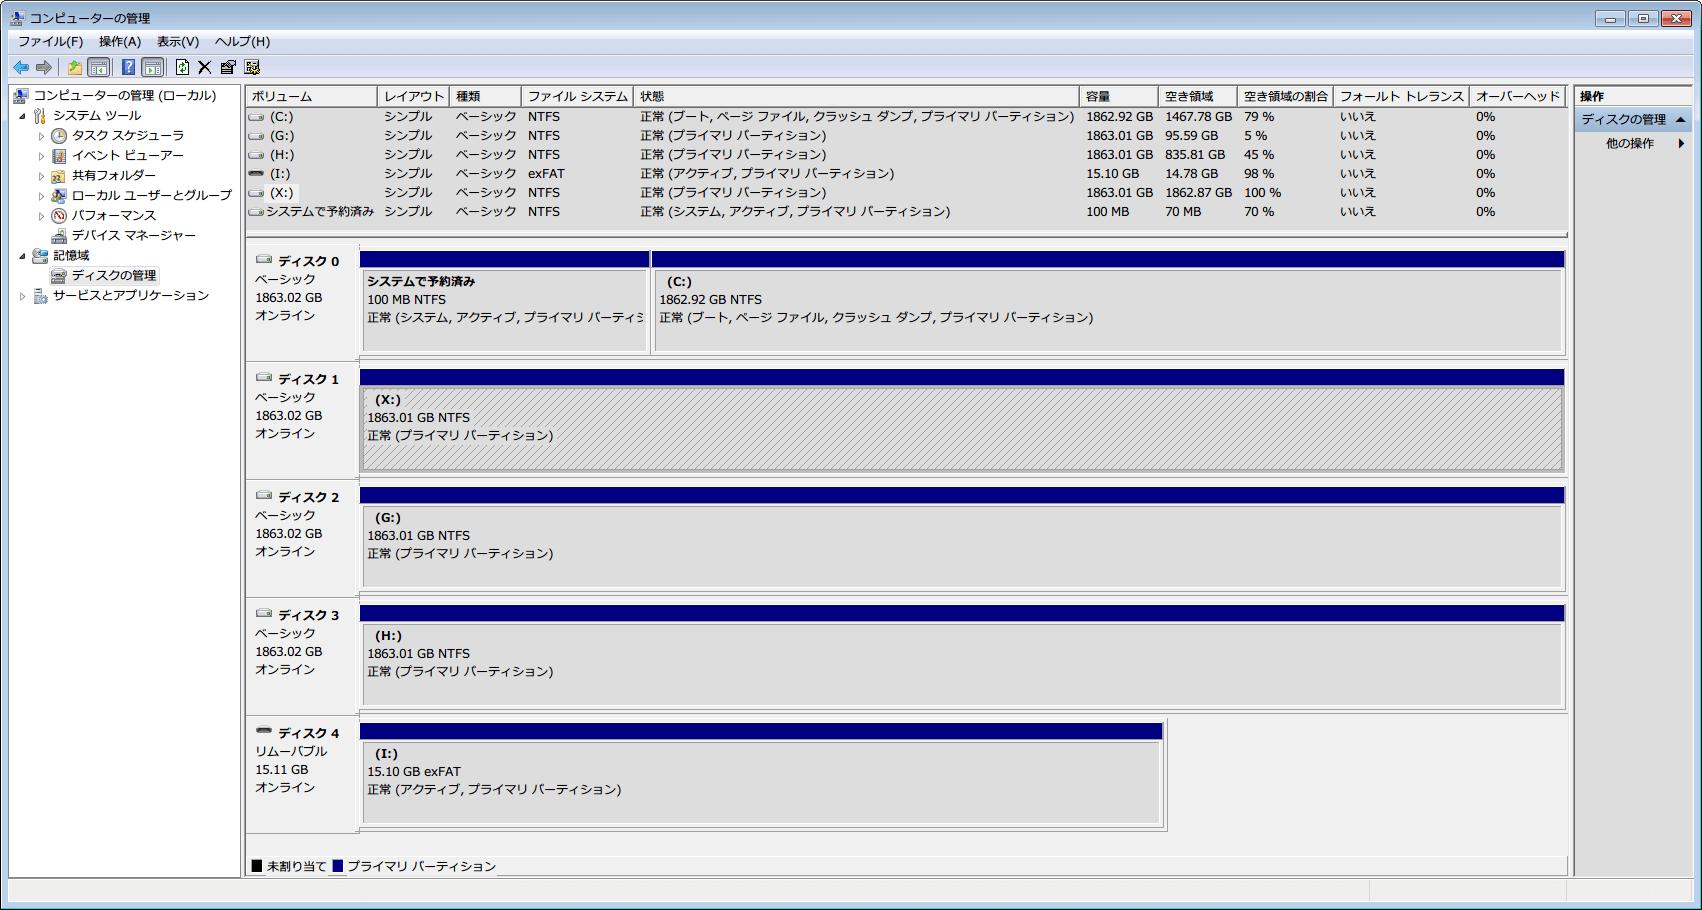 新しい HDD にデータをミラーリングするための HDD フォーマット作業と各種準備作業メモ